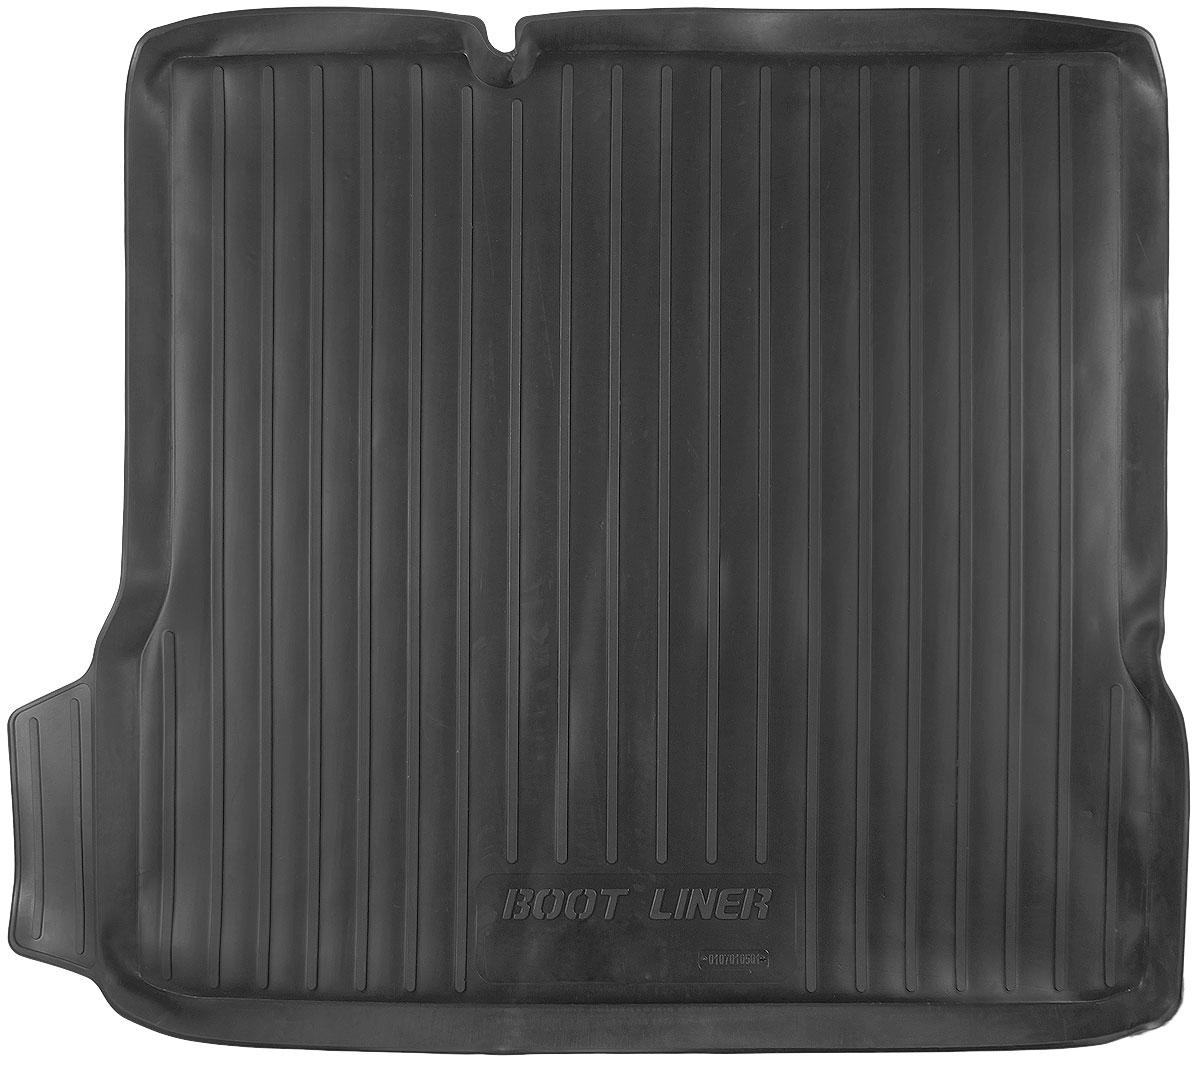 Коврик в багажник L.Locker, для Chevrolet Aveo II sd (12-)21395599Коврик L.Locker производится индивидуально для каждой модели автомобиля из современного и экологически чистого материала. Изделие точно повторяет геометрию пола автомобиля, имеет высокий борт, обладает повышенной износоустойчивостью, антискользящими свойствами, лишен резкого запаха и сохраняет свои потребительские свойства в широком диапазоне температур (от -50°С до +80°С).